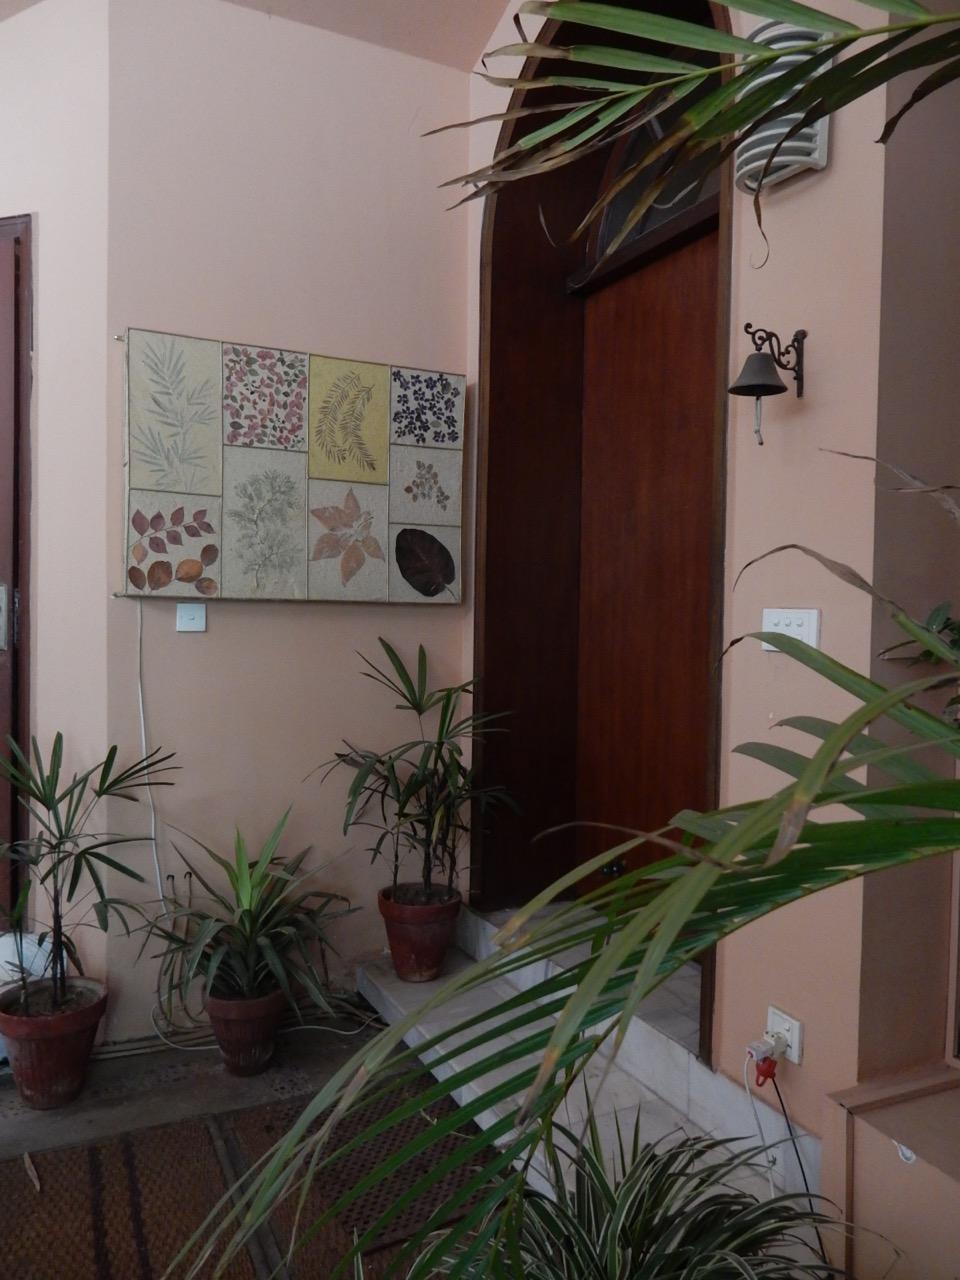 ヌザットは出張ヘア・カット&セットを時々やっている。そのお客の家には彼女の作品が飾られていた。